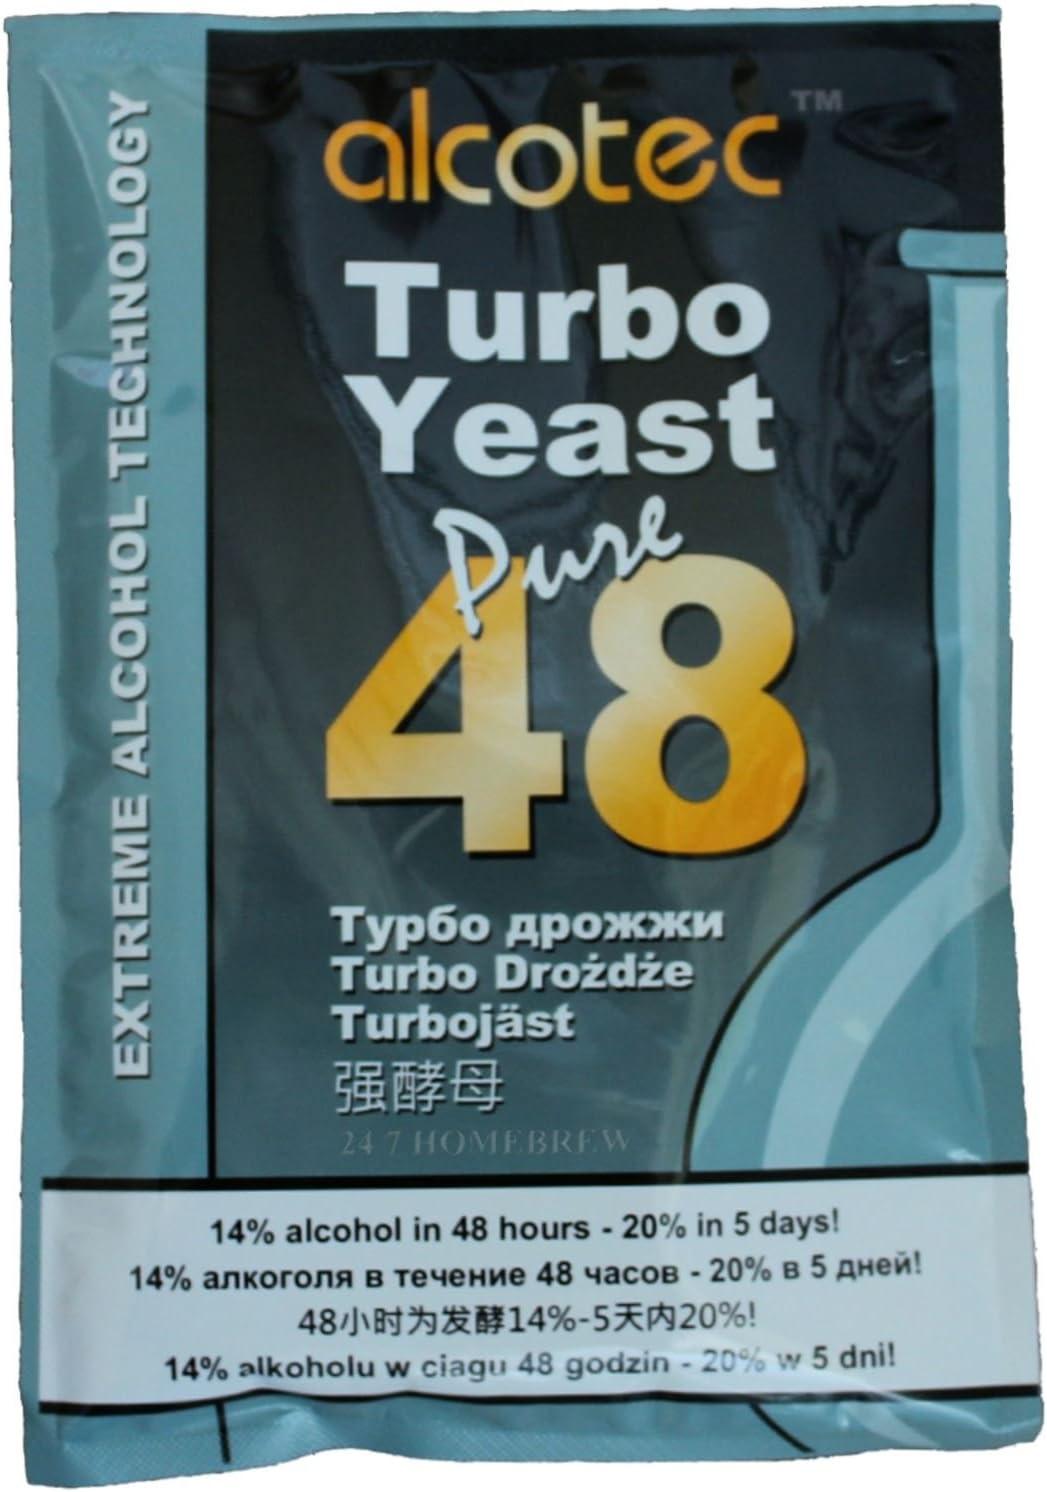 Alcotec 48 Pure Turbo Super Lievito Pacchetti Alcool 20/% Vodka